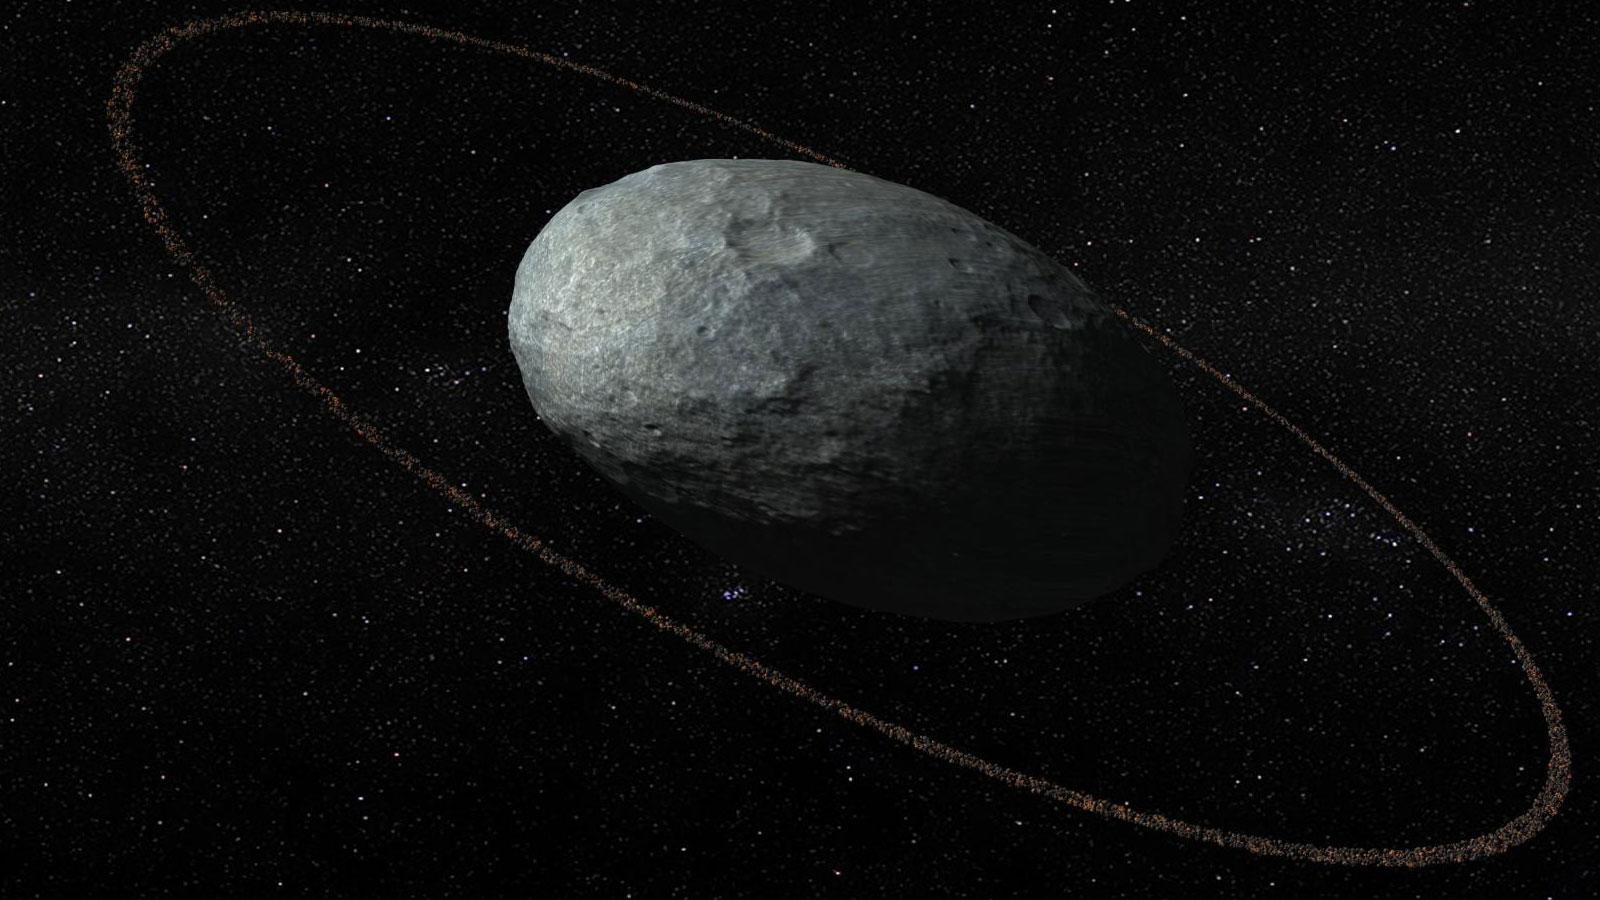 Haumea Facts